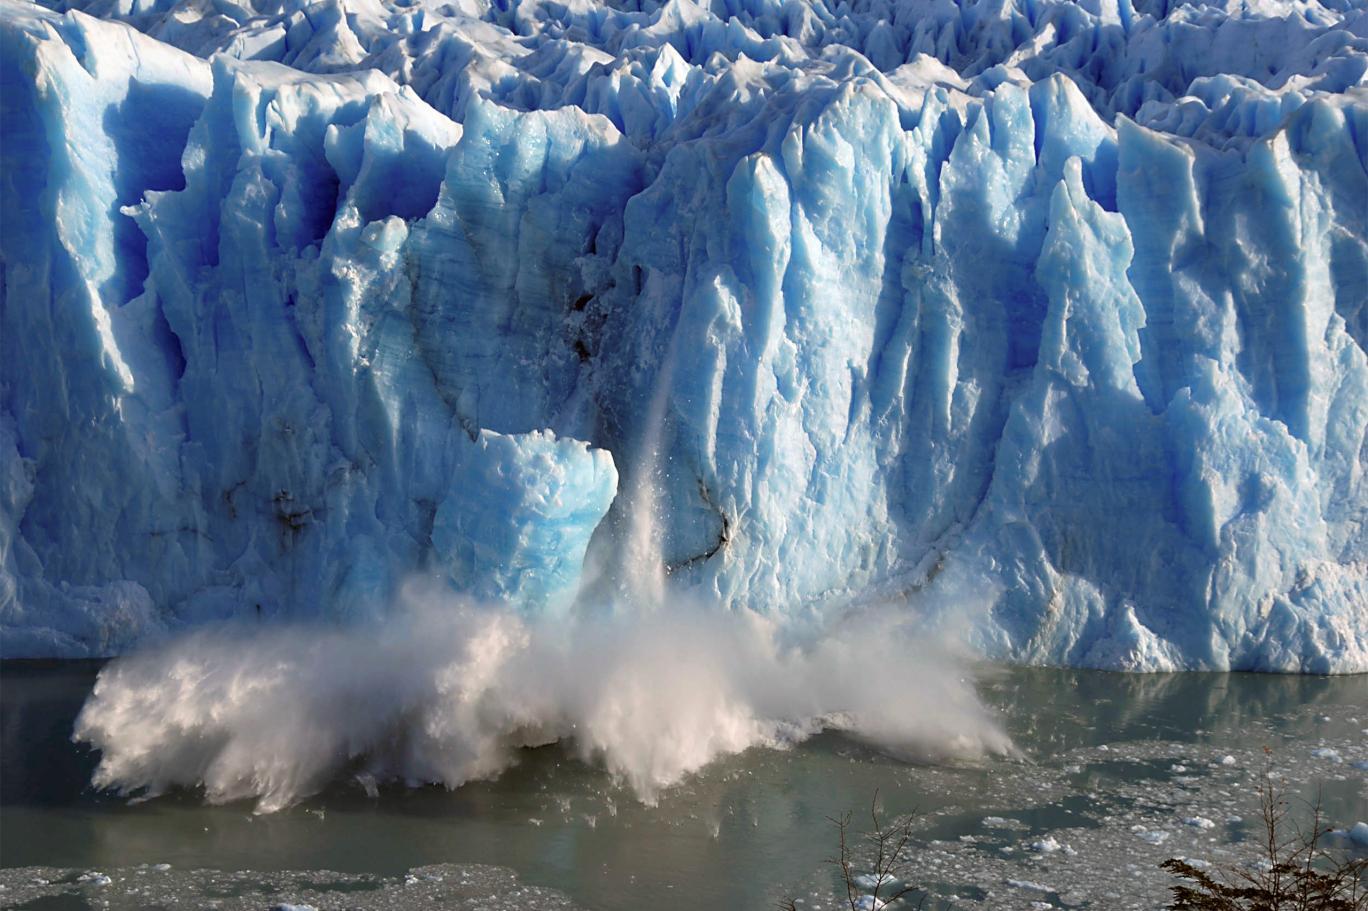 Antarktika'nın Katkısı Çok Az: Buzul Çağının Ardından Deniz Seviyesi 500 Yılda 18 Metre Yükselmiş